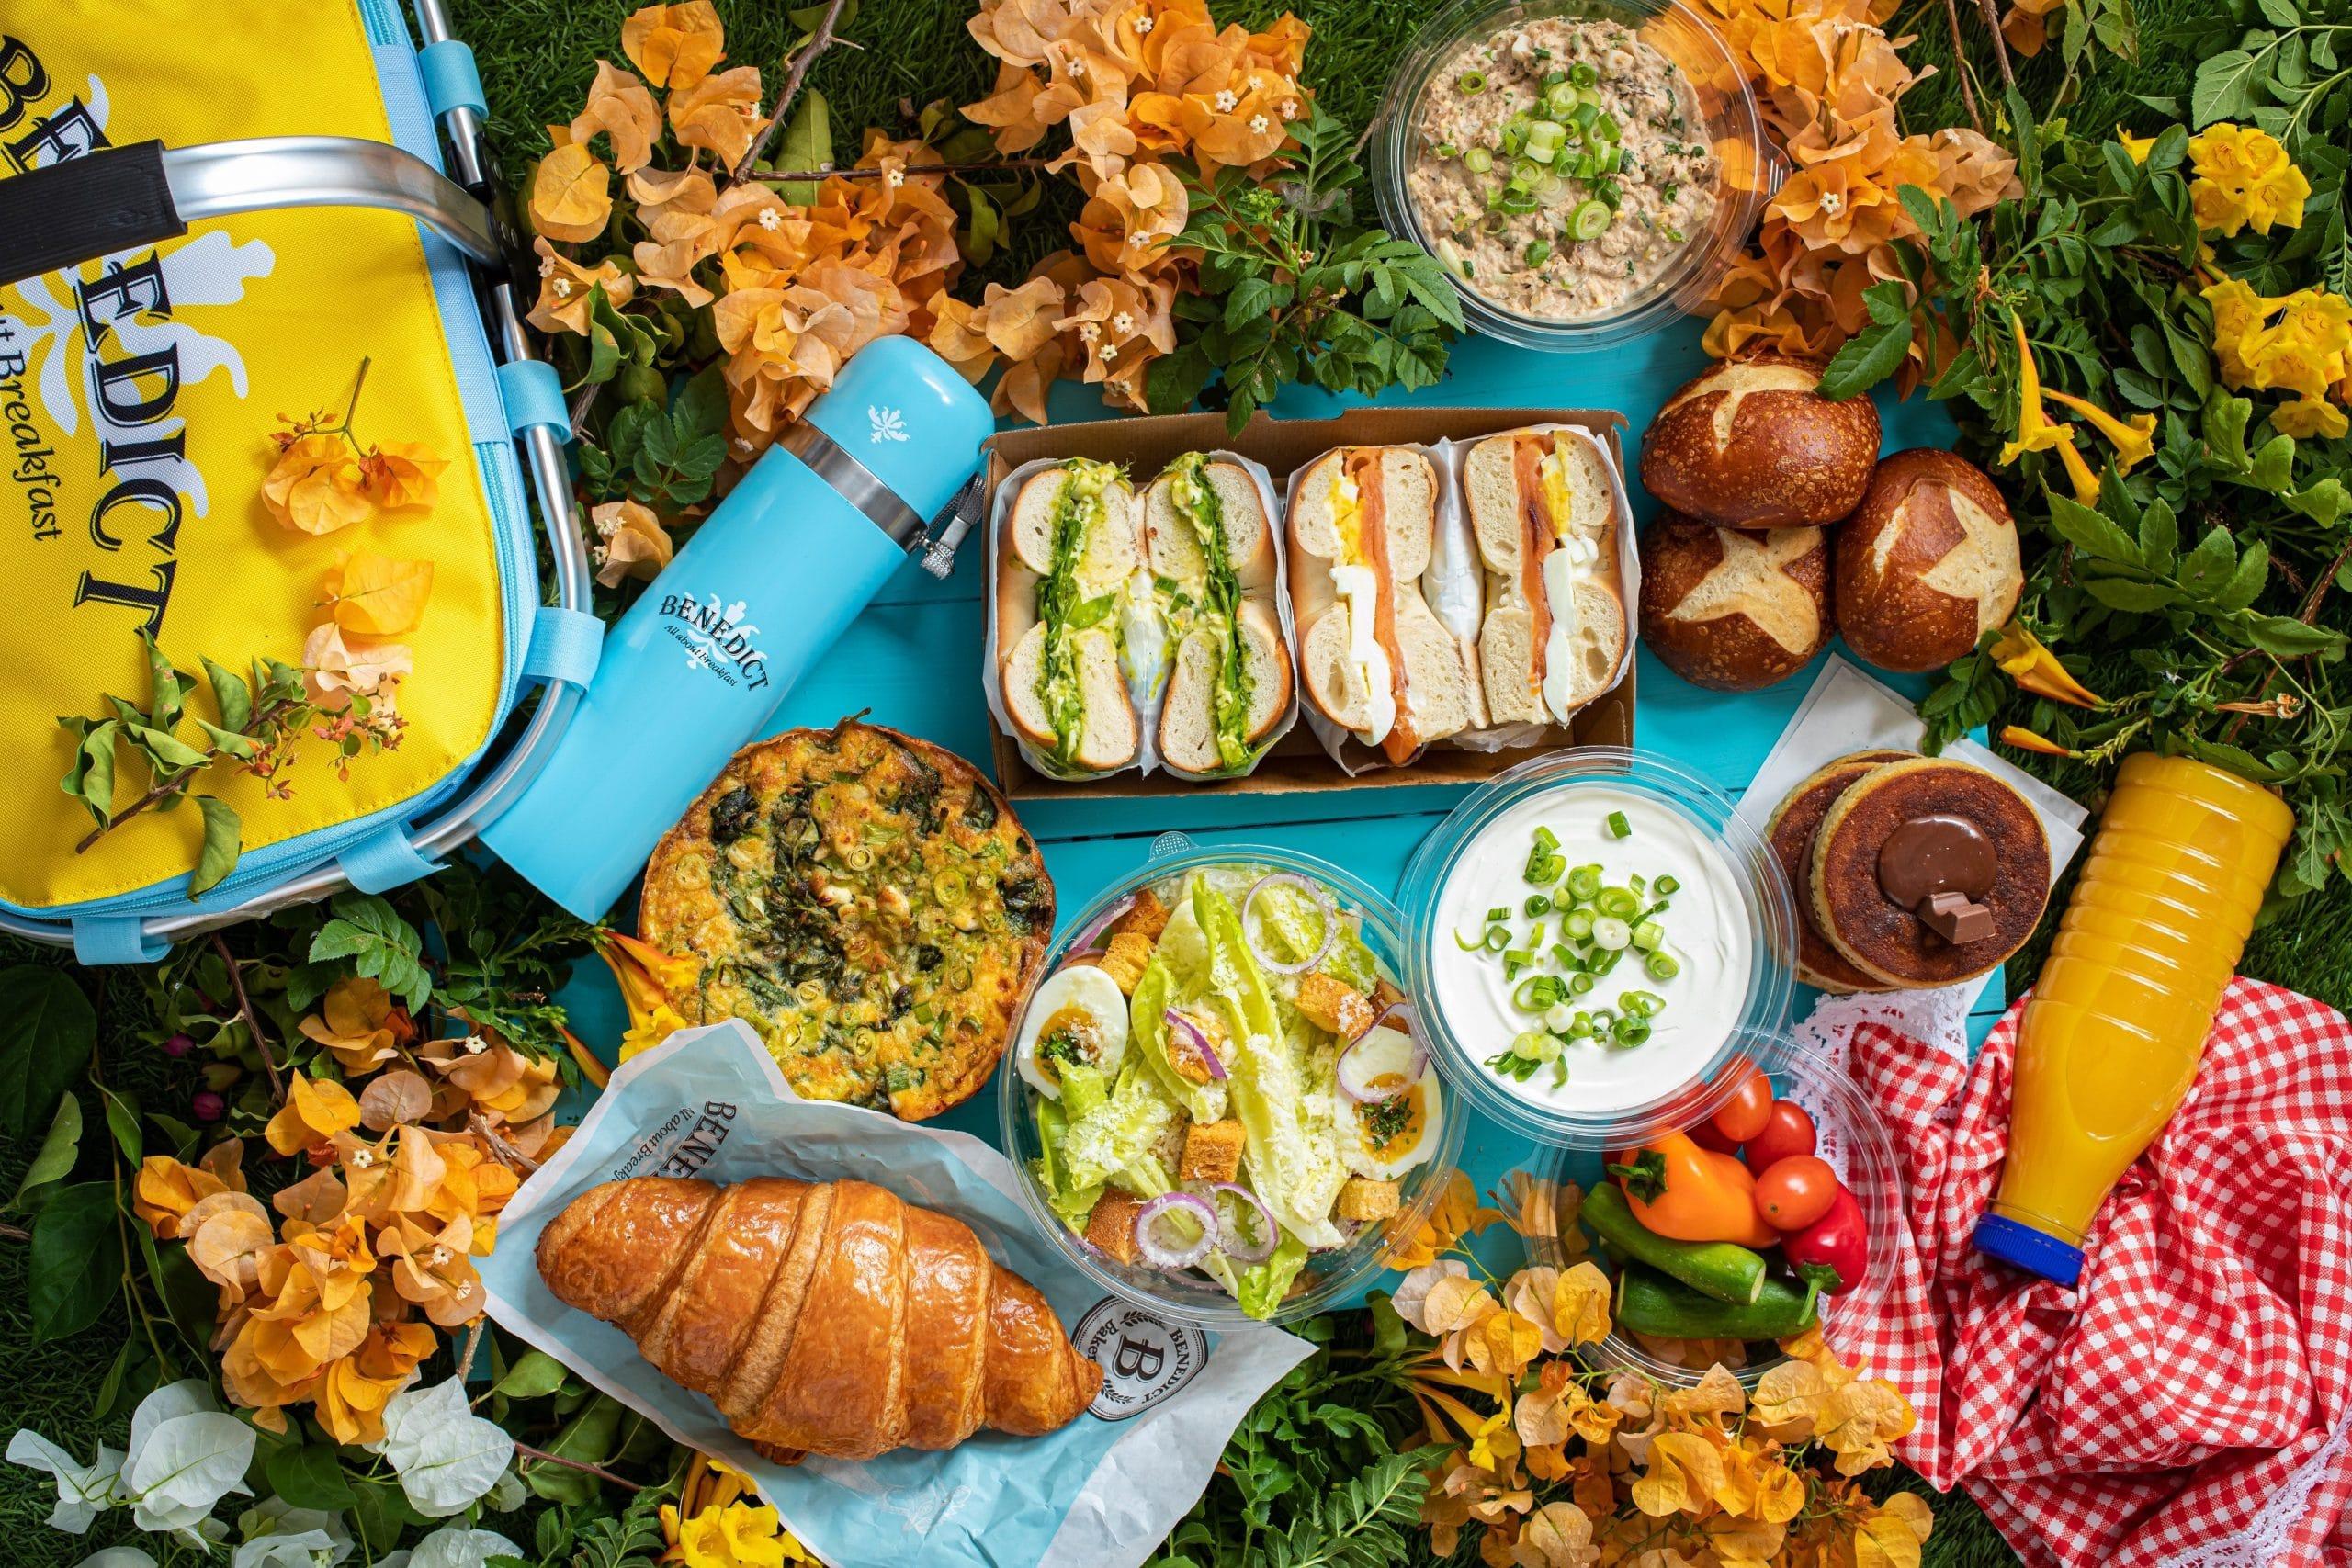 מארז הפיקניק החורפי החדש של בנדיקט | צילום: באדיבות רשת בנדיקט